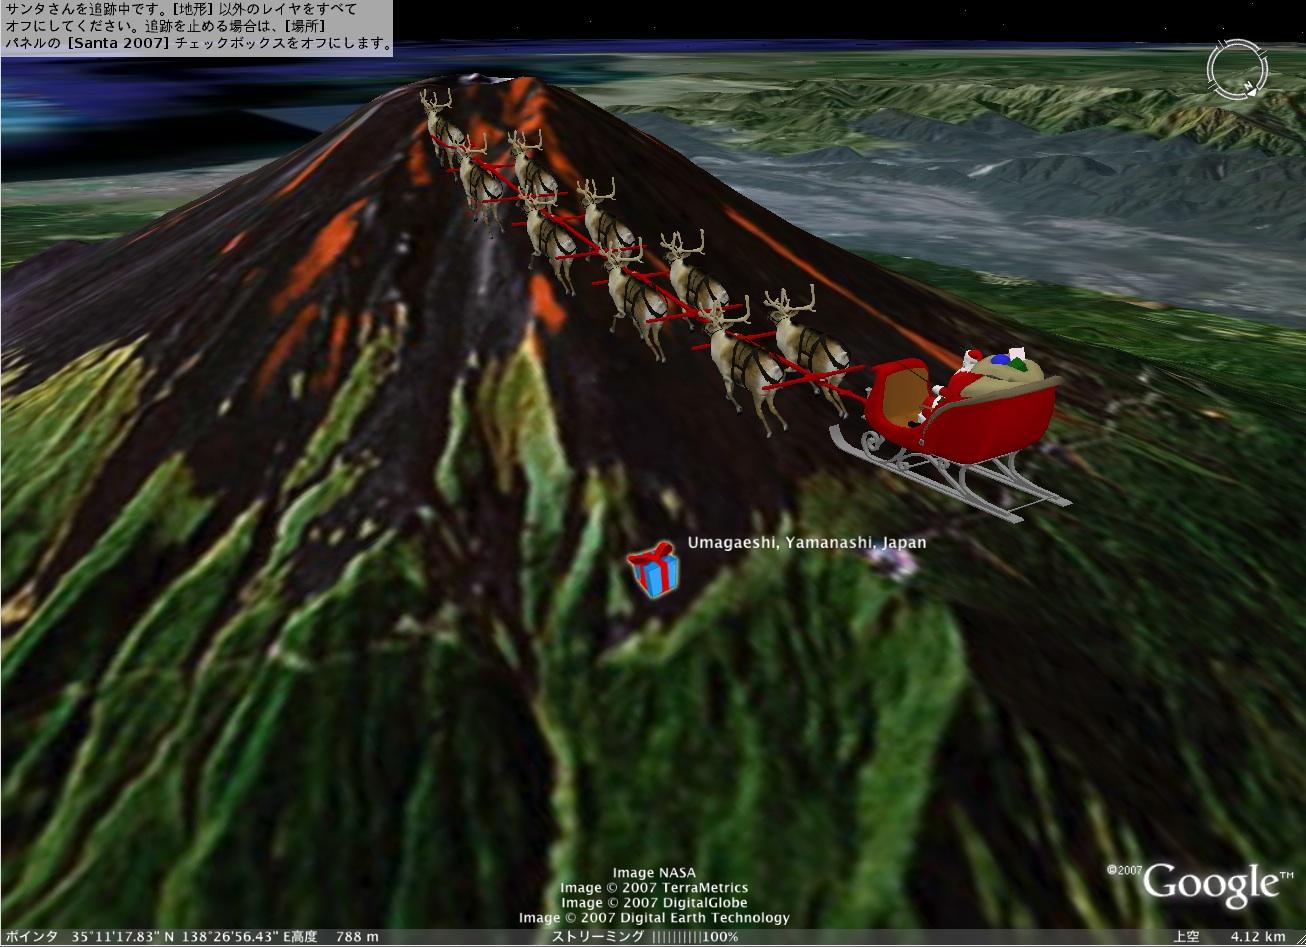 Santa and Fuji